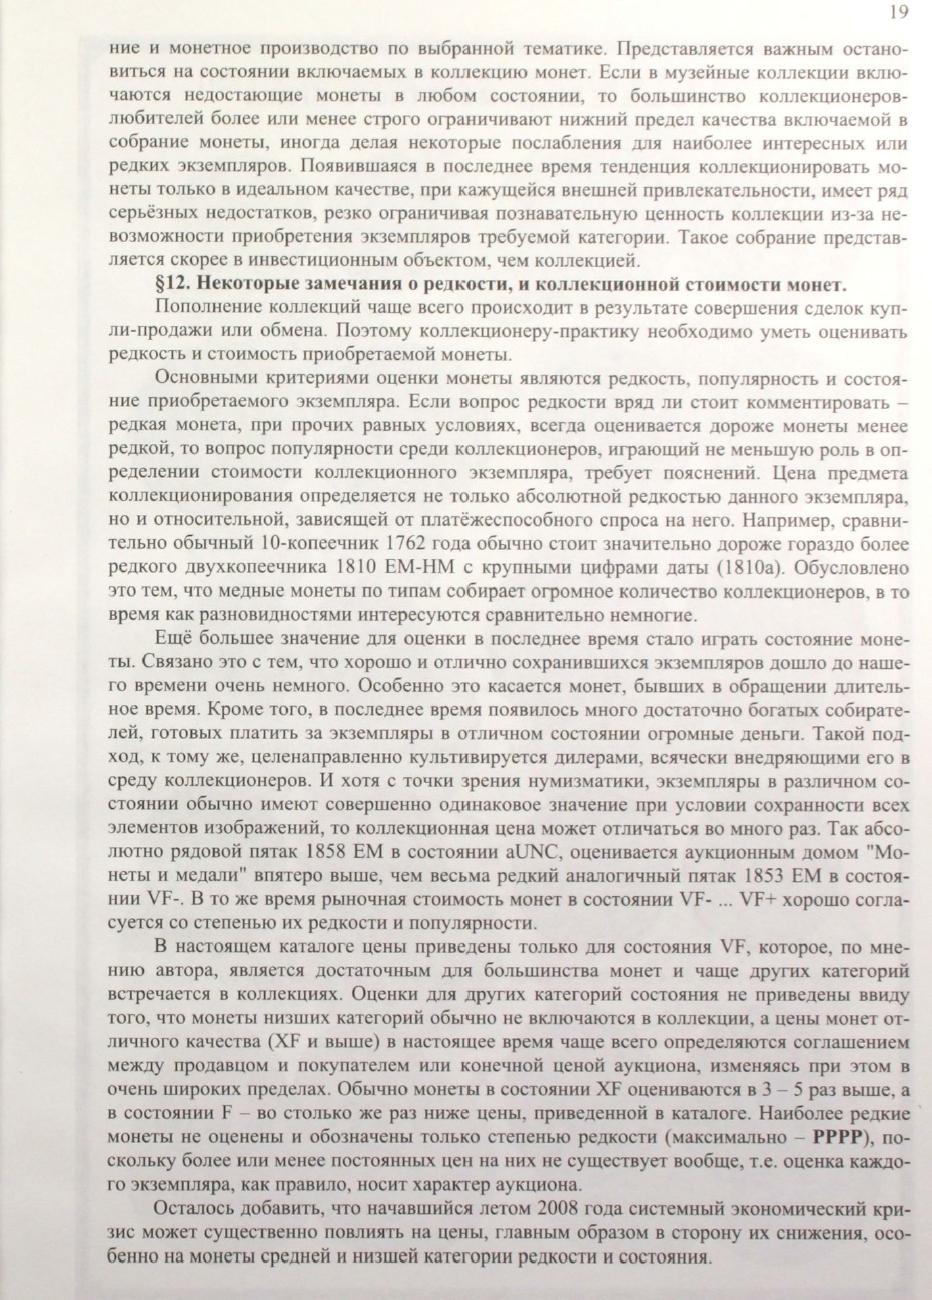 http://images.vfl.ru/ii/1407077884/98af625e/5886474.jpg